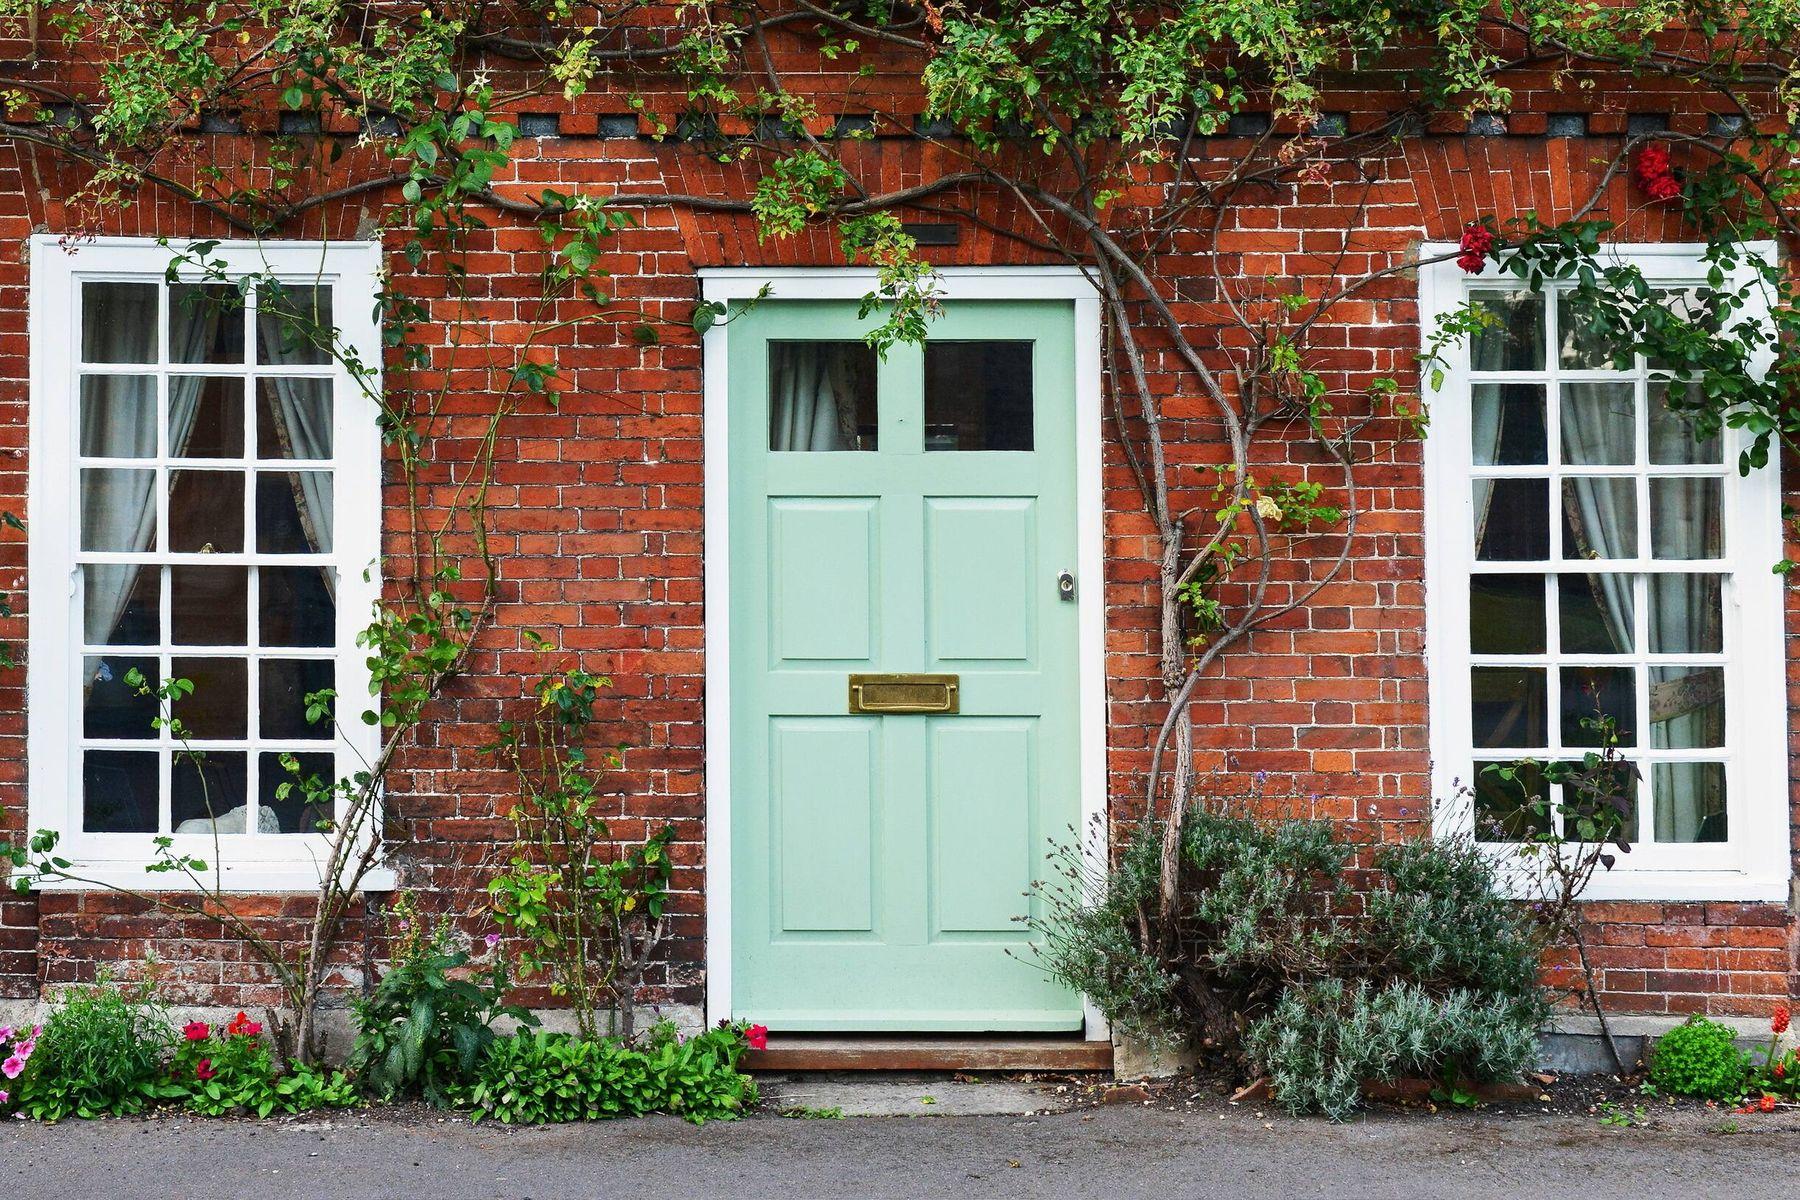 अपने दरवाज़ों और खिड़कियों के फ़्रेम पर जमी धूल कैसे साफ़ करें | क्लीएनीपीडिया